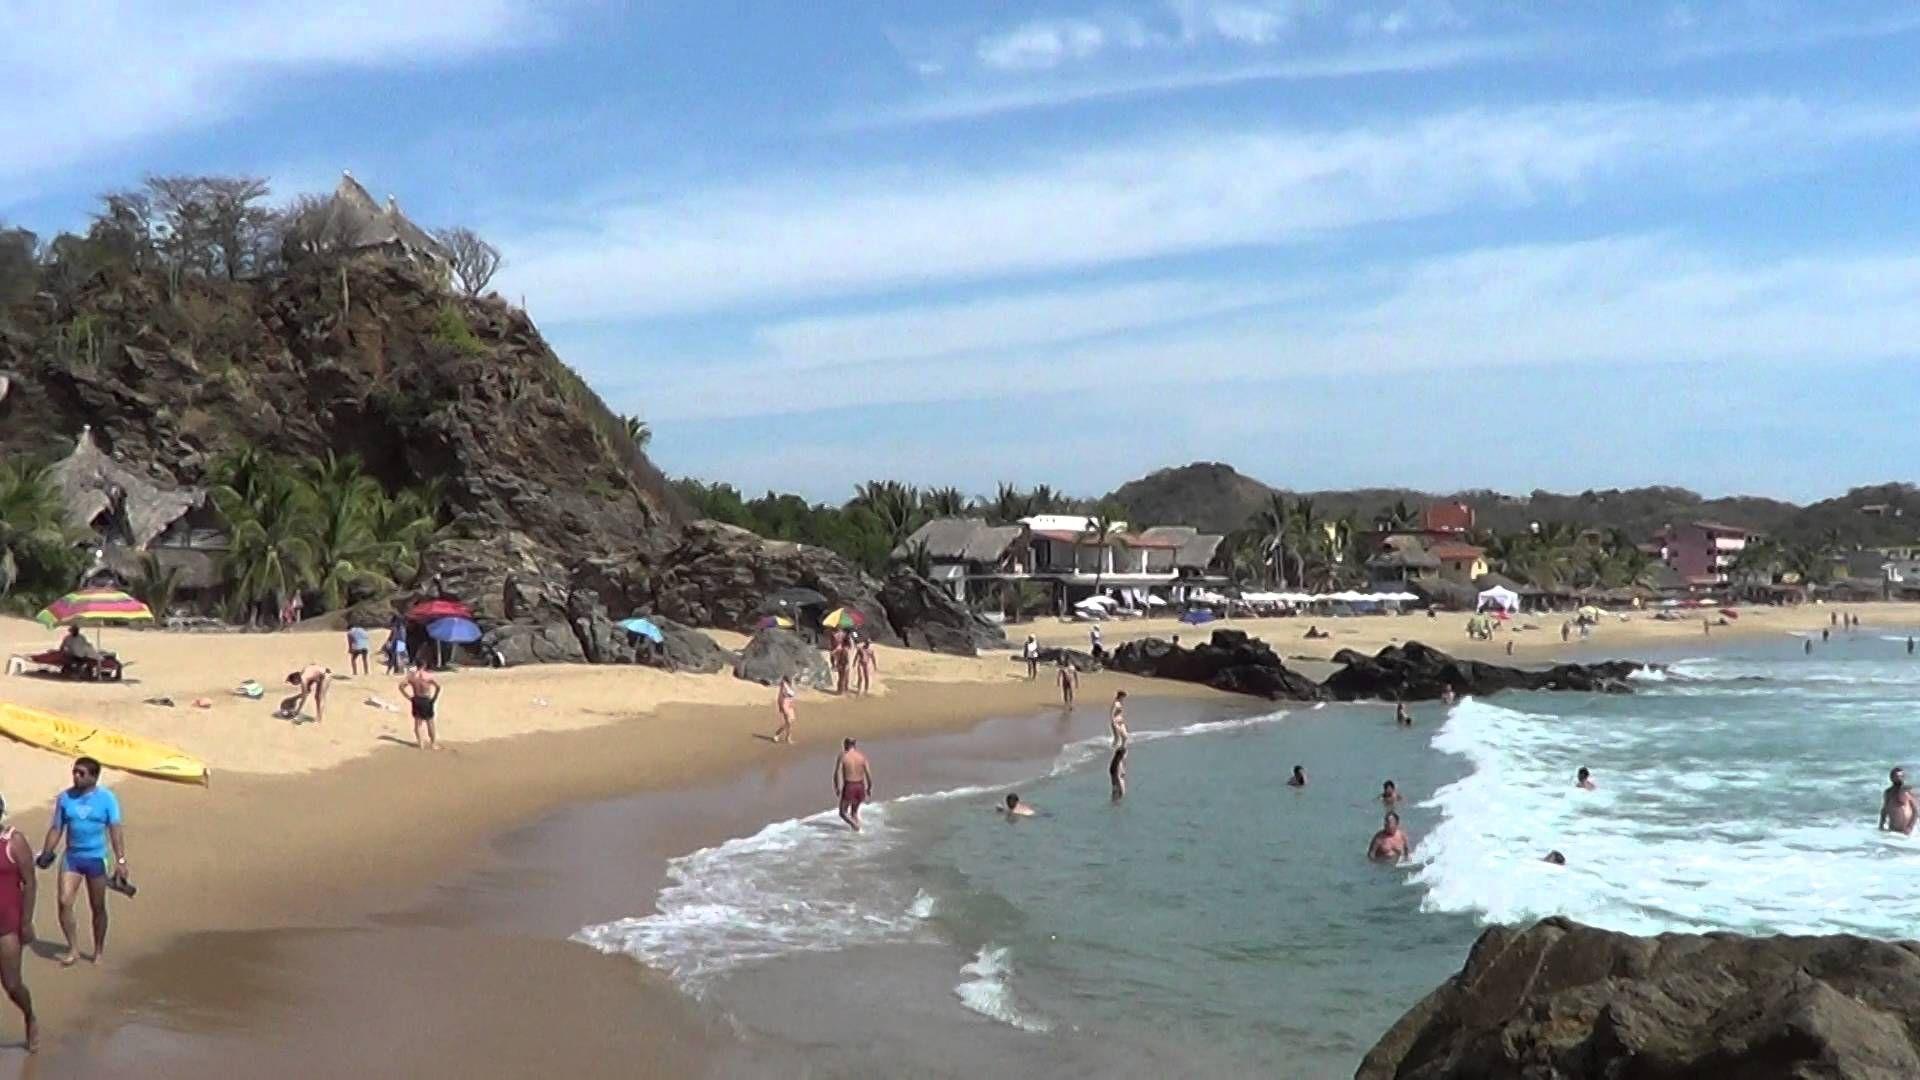 Playa de Zipolite, Mexico - Picture of Puerto Angel